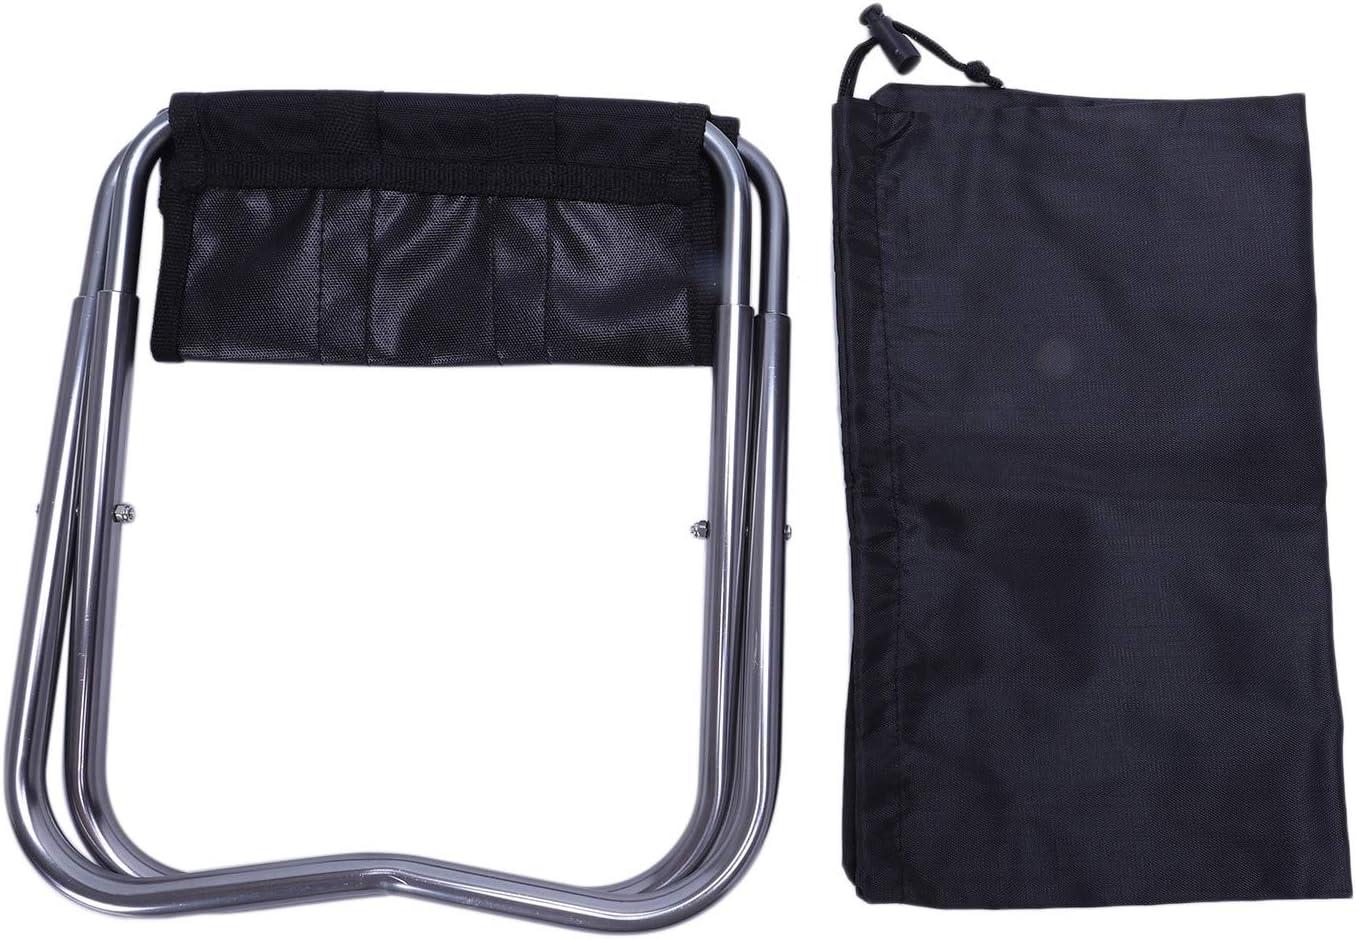 REFURBISHHOUSE Portable Chaise Pliant en Aluminium Oxford Tissu Patio Exterieur Peche Camping avec Sac de transpport Noir